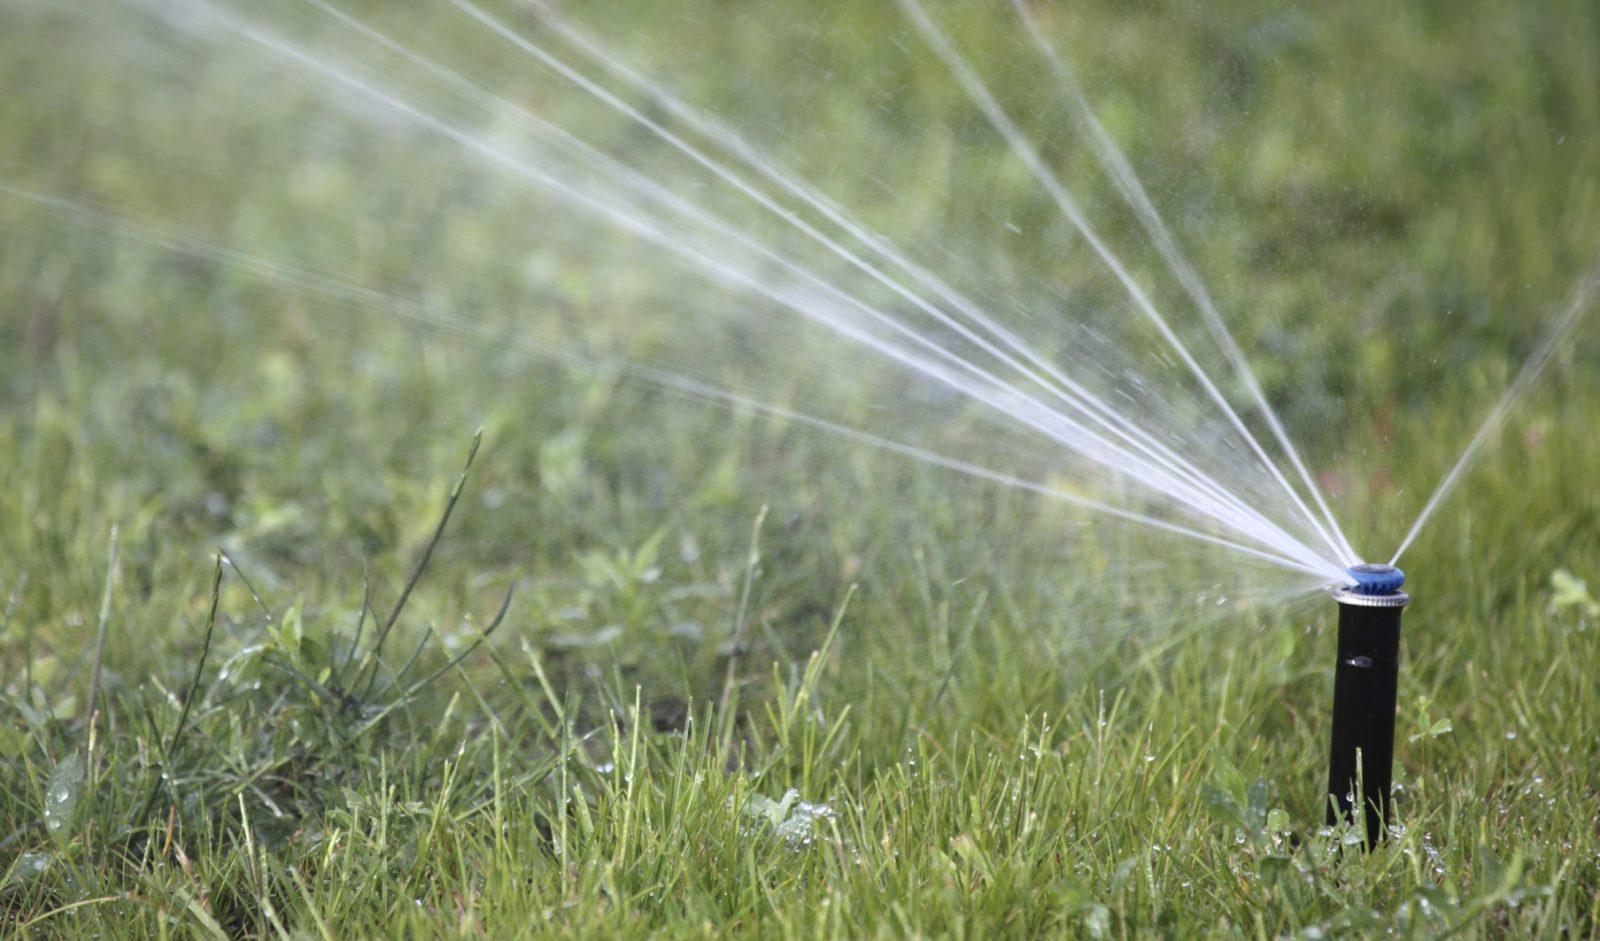 La demande en eau potable atteint un point «critique»